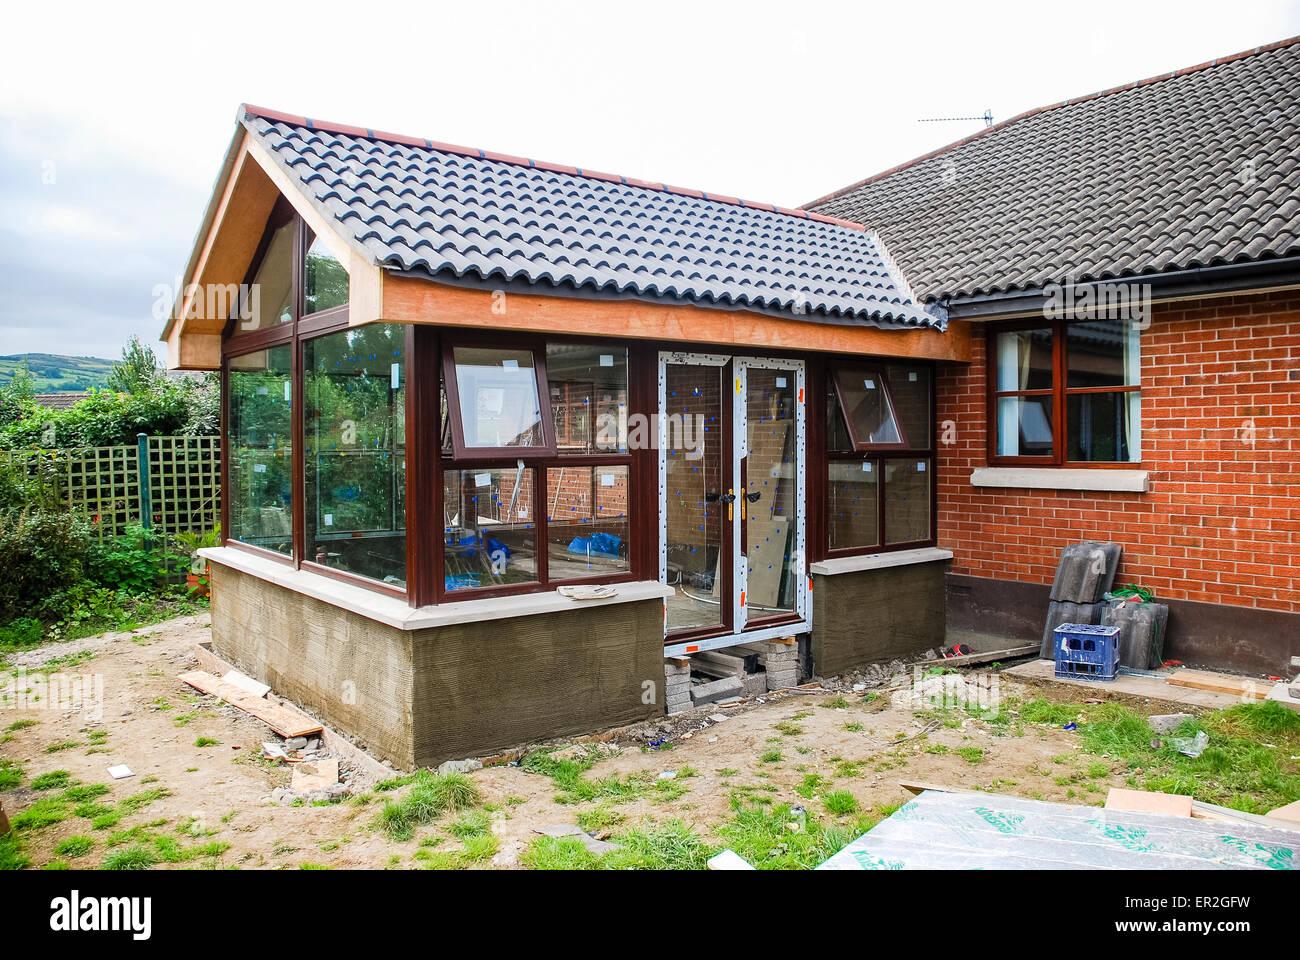 Wintergarten-Erweiterung auf ein Bungalow gebaut Stockfoto ...